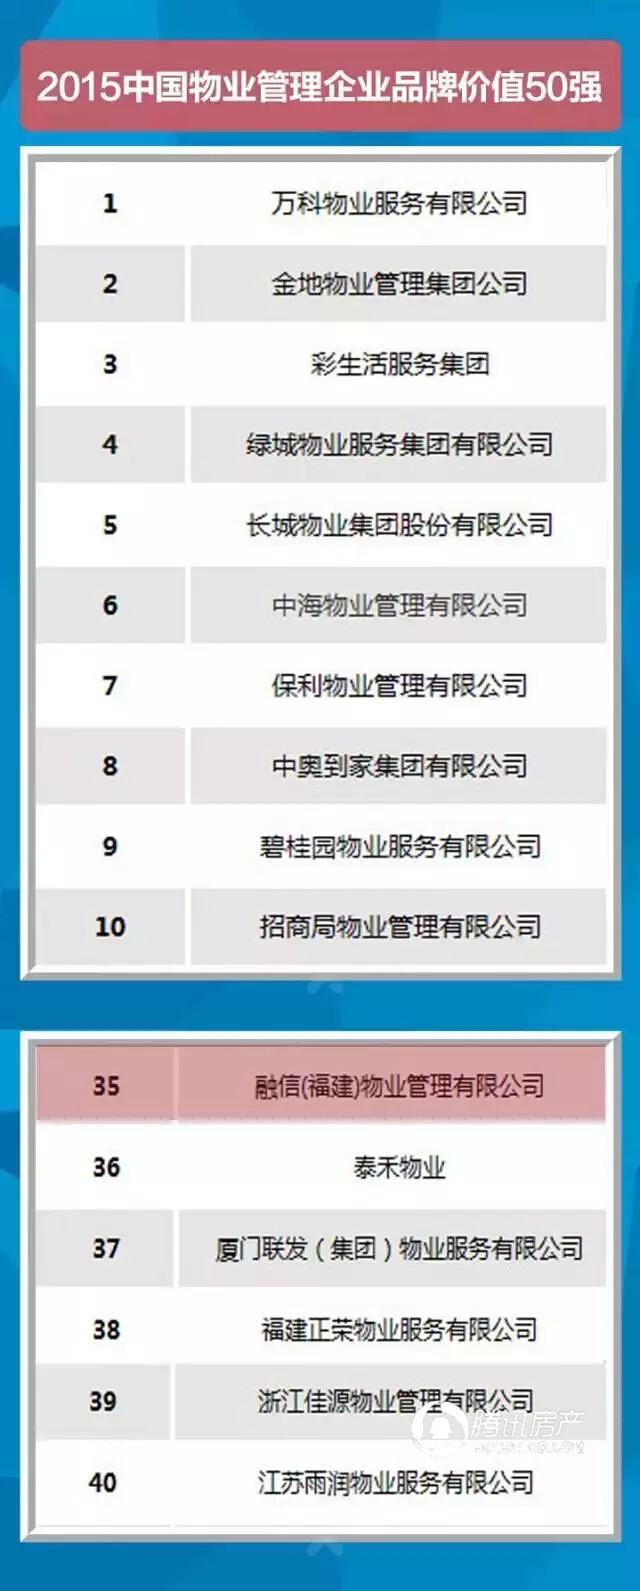 融信物业荣列中国物业管理品牌价值企业35强